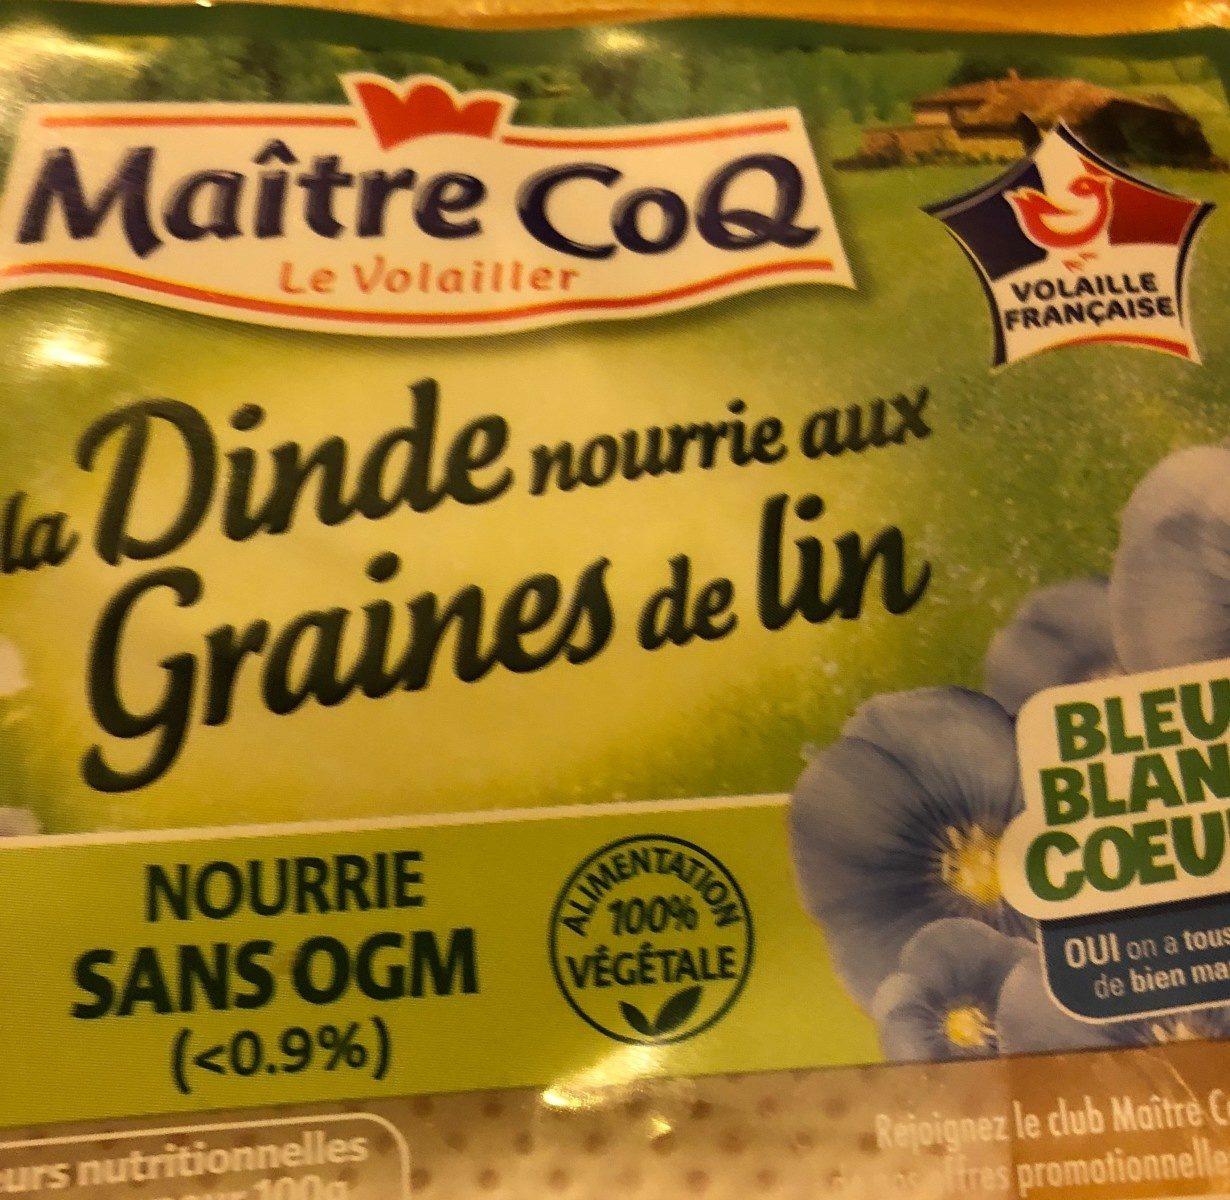 Dinde nourrie aux graines de lin - Ingrediënten - fr